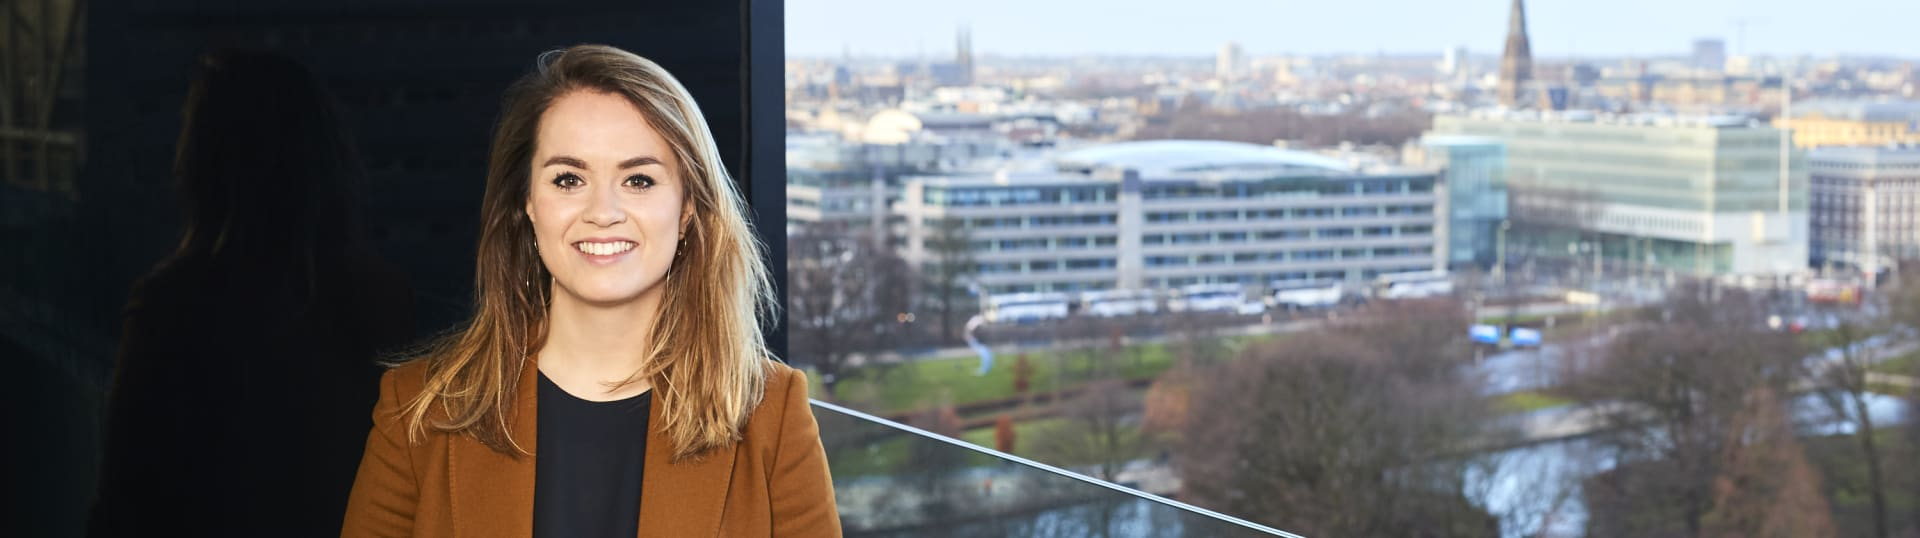 Annellyke Mellema, kandidaat-notaris Pels Rijcken